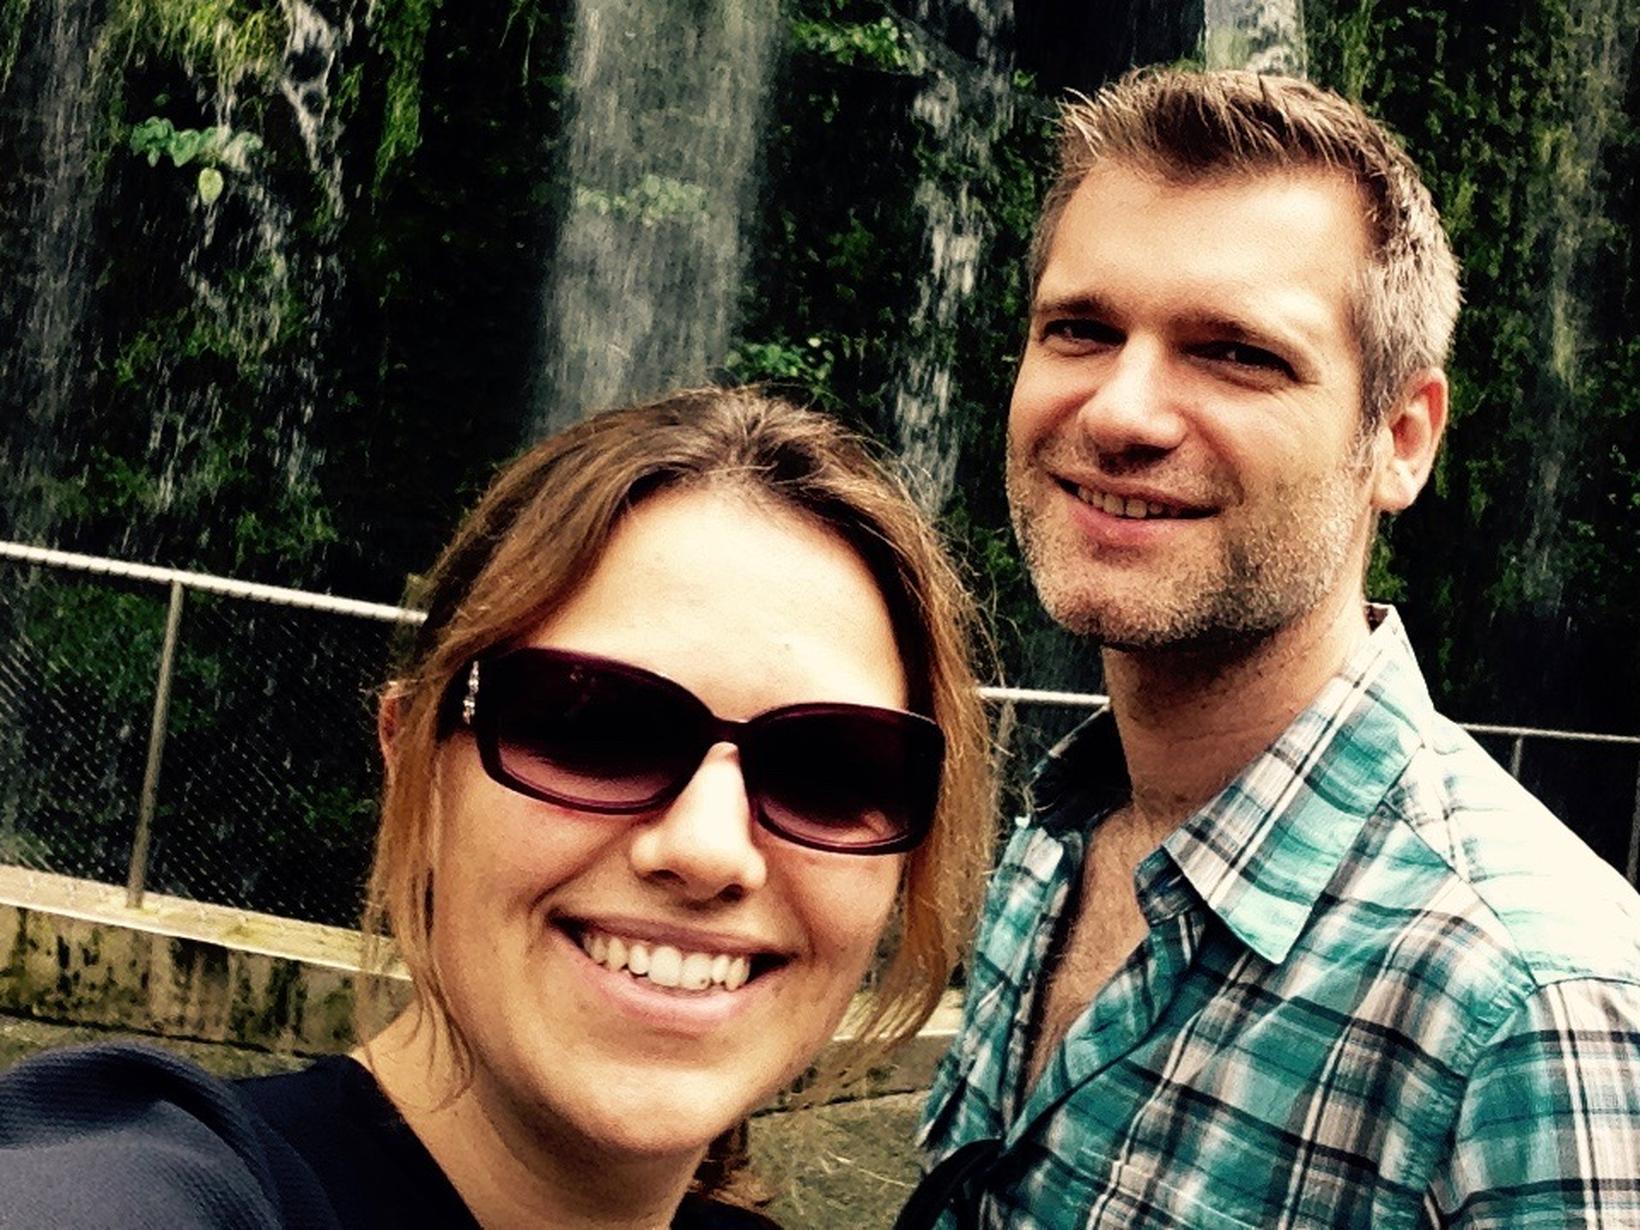 Sebastian & Elaine from Las Palmas de Gran Canaria, Spain